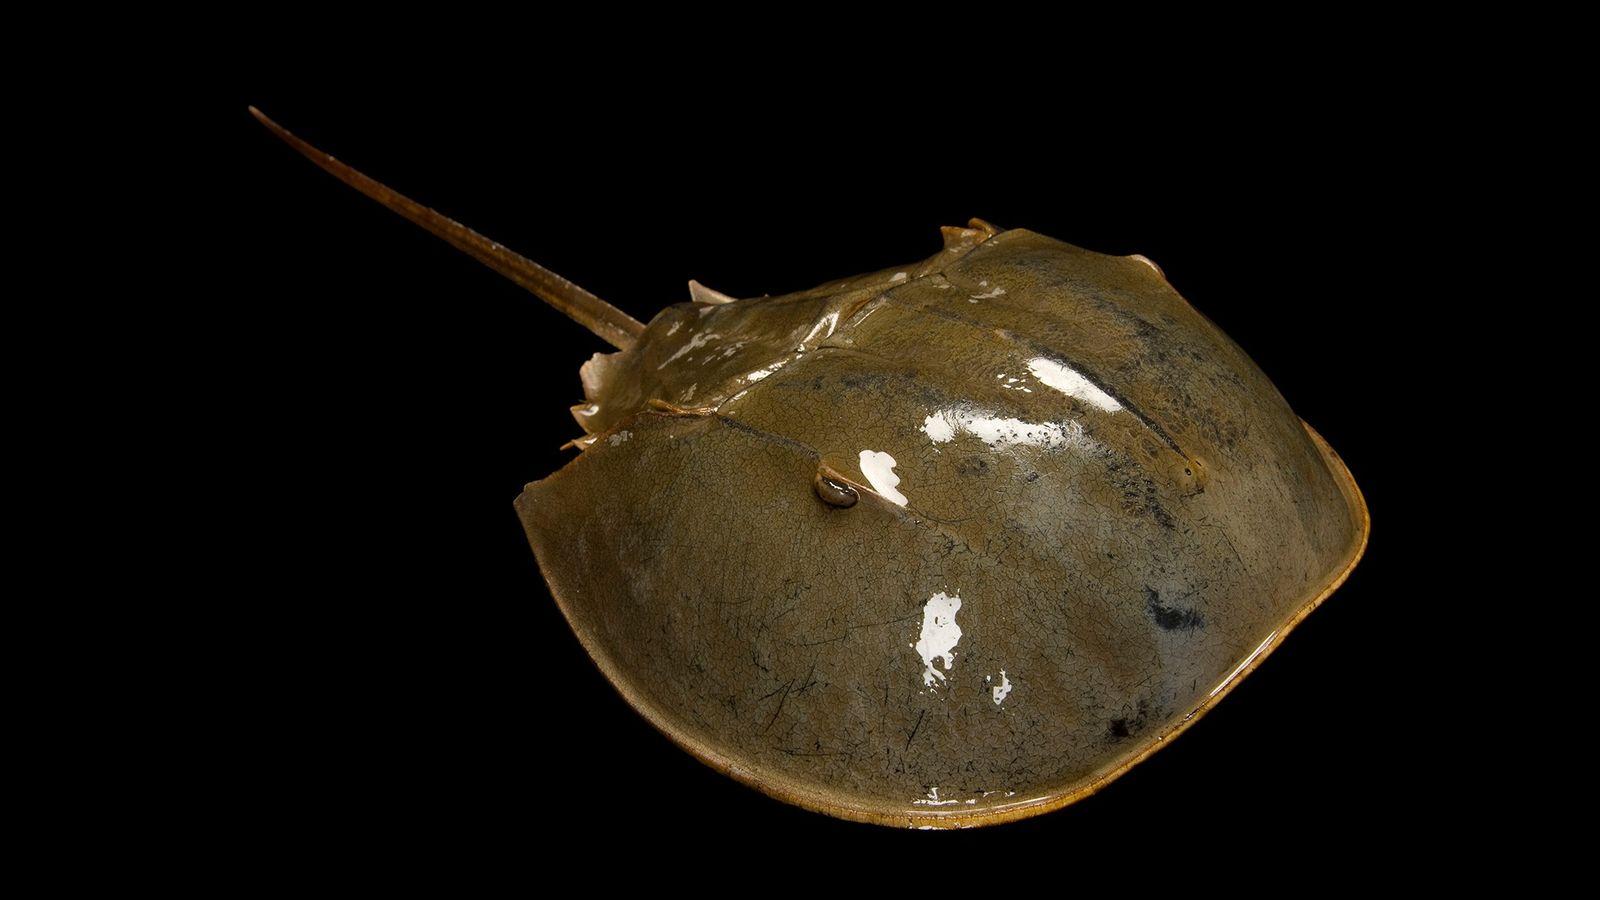 Um caranguejo-ferradura fotografado em Money Island, Nova Jersey. Atualmente, há quatro espécies dessas criaturas pré-históricas.